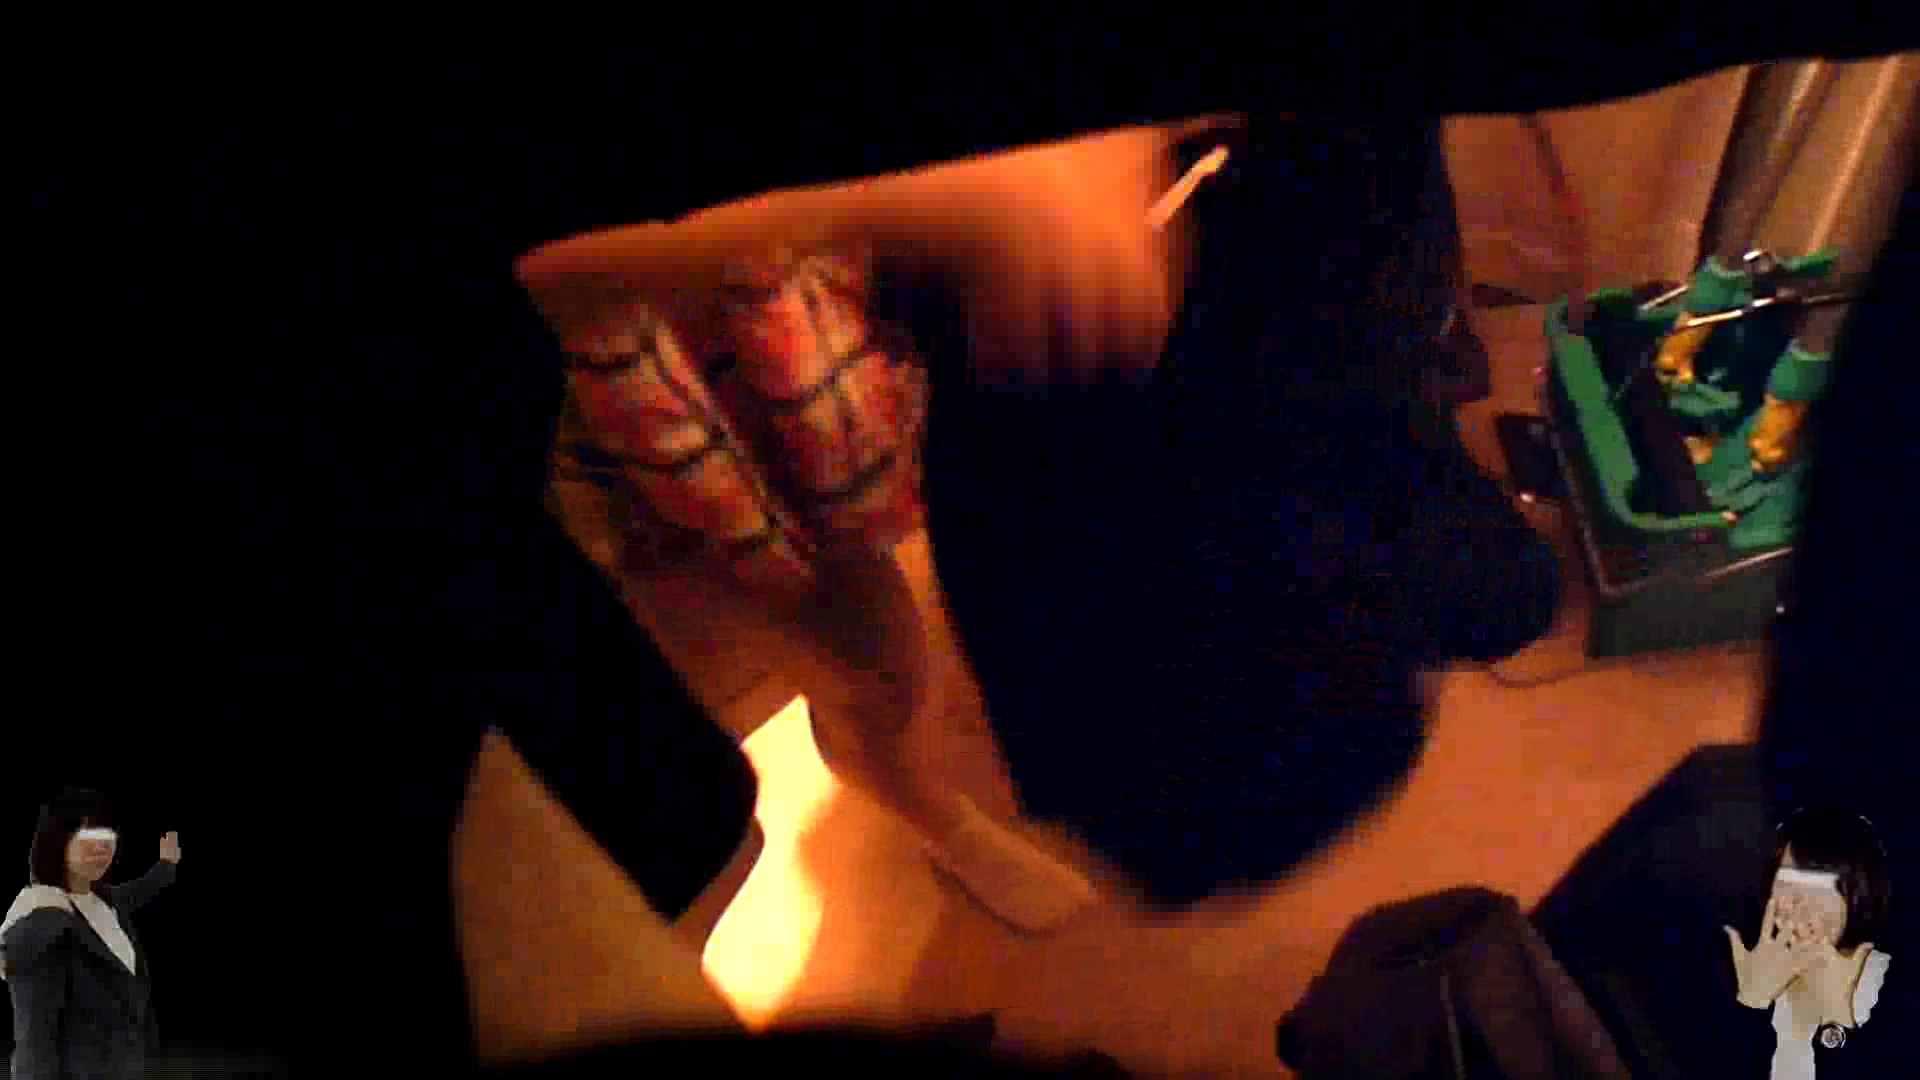 素人投稿 現役「JD」Eちゃんの着替え Vol.04 美しいOLの裸体   投稿  107pic 65